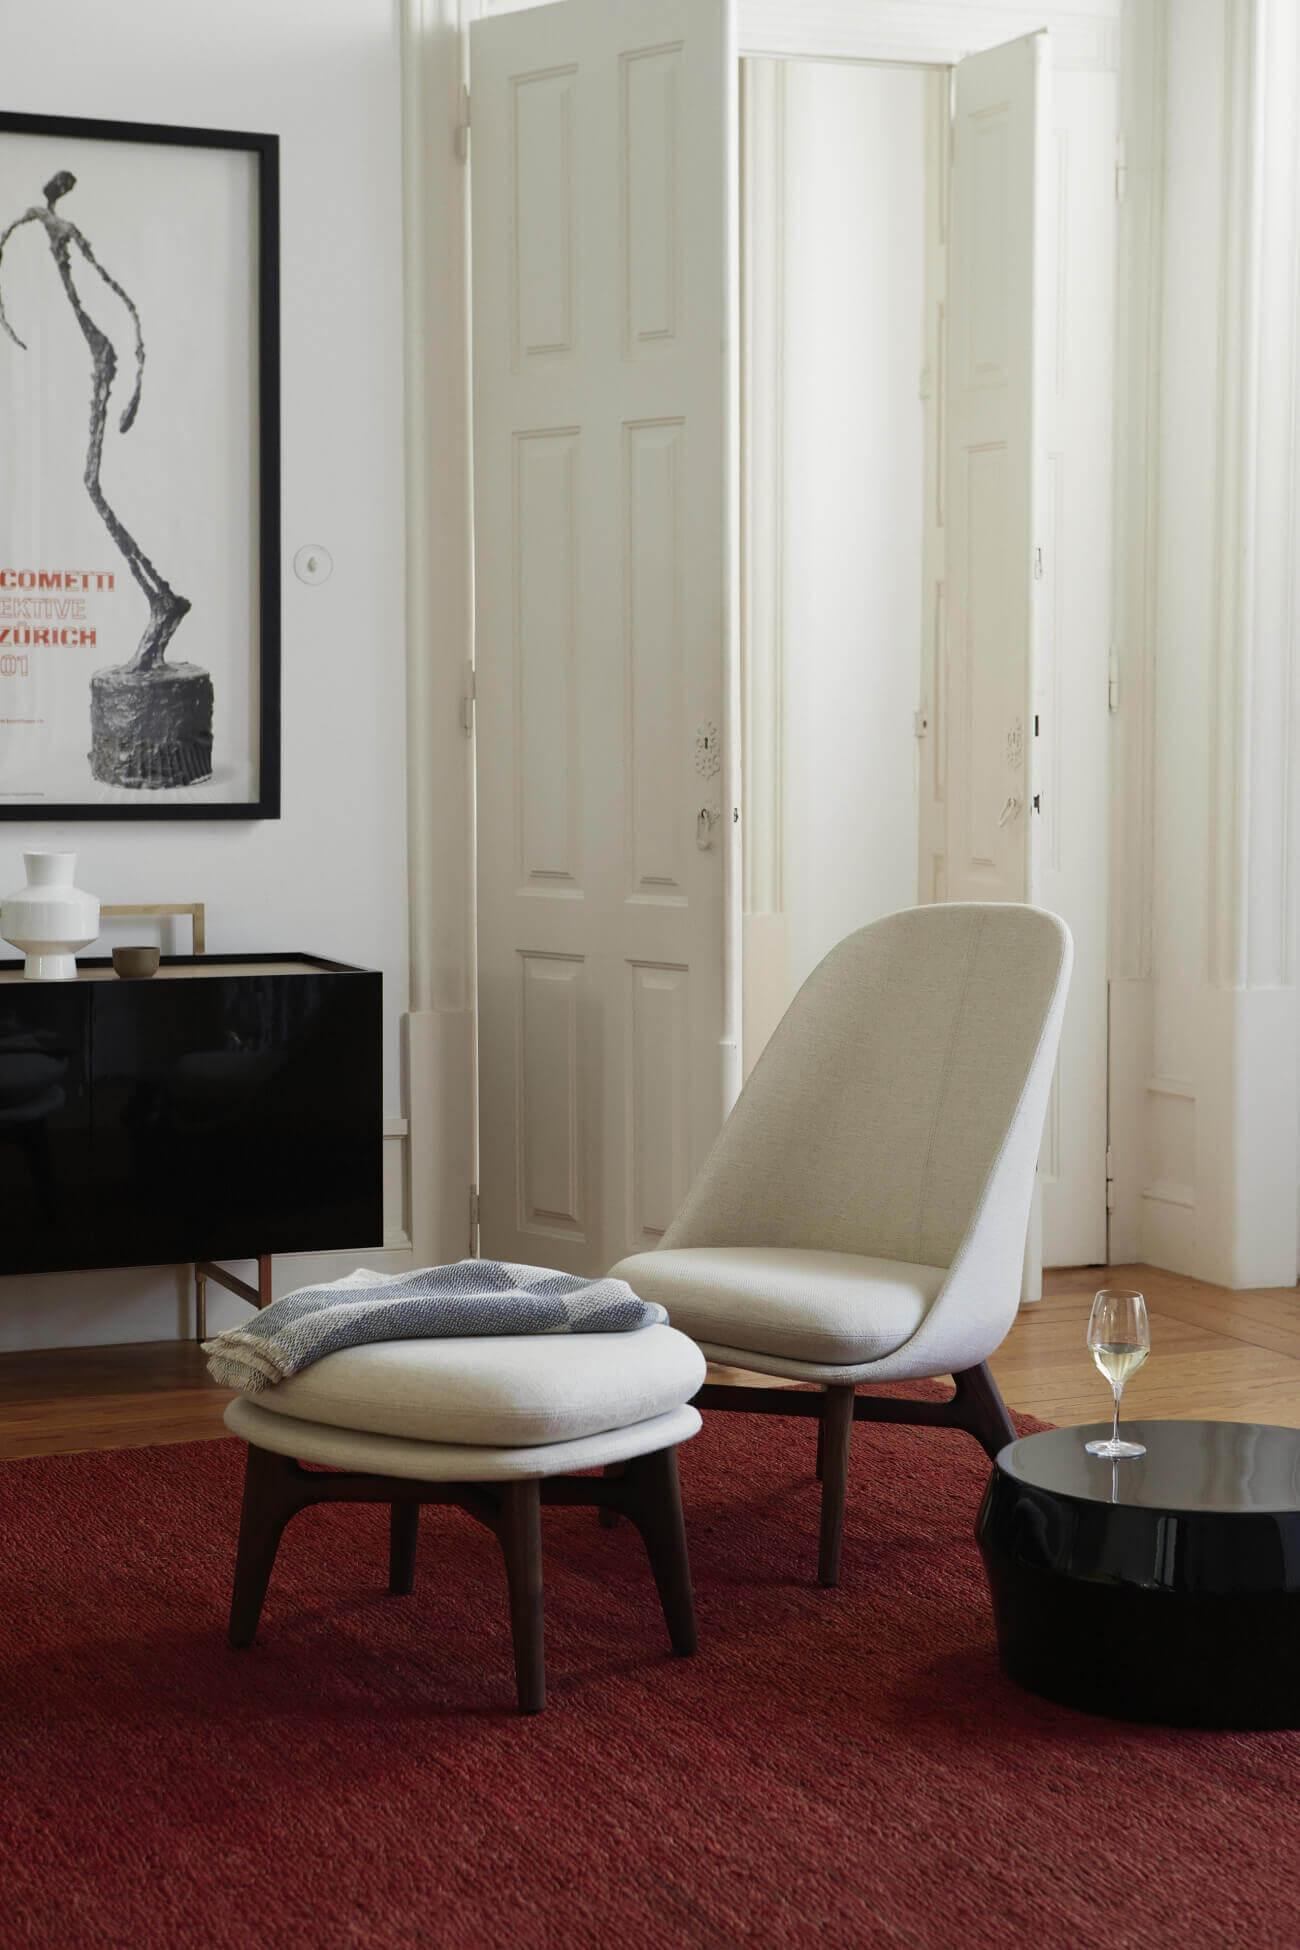 Solo Lounge Chair, Solo ottoman en Zhuzi Table ontworpen door Neri&Hu en geproduceerd door De La Espada